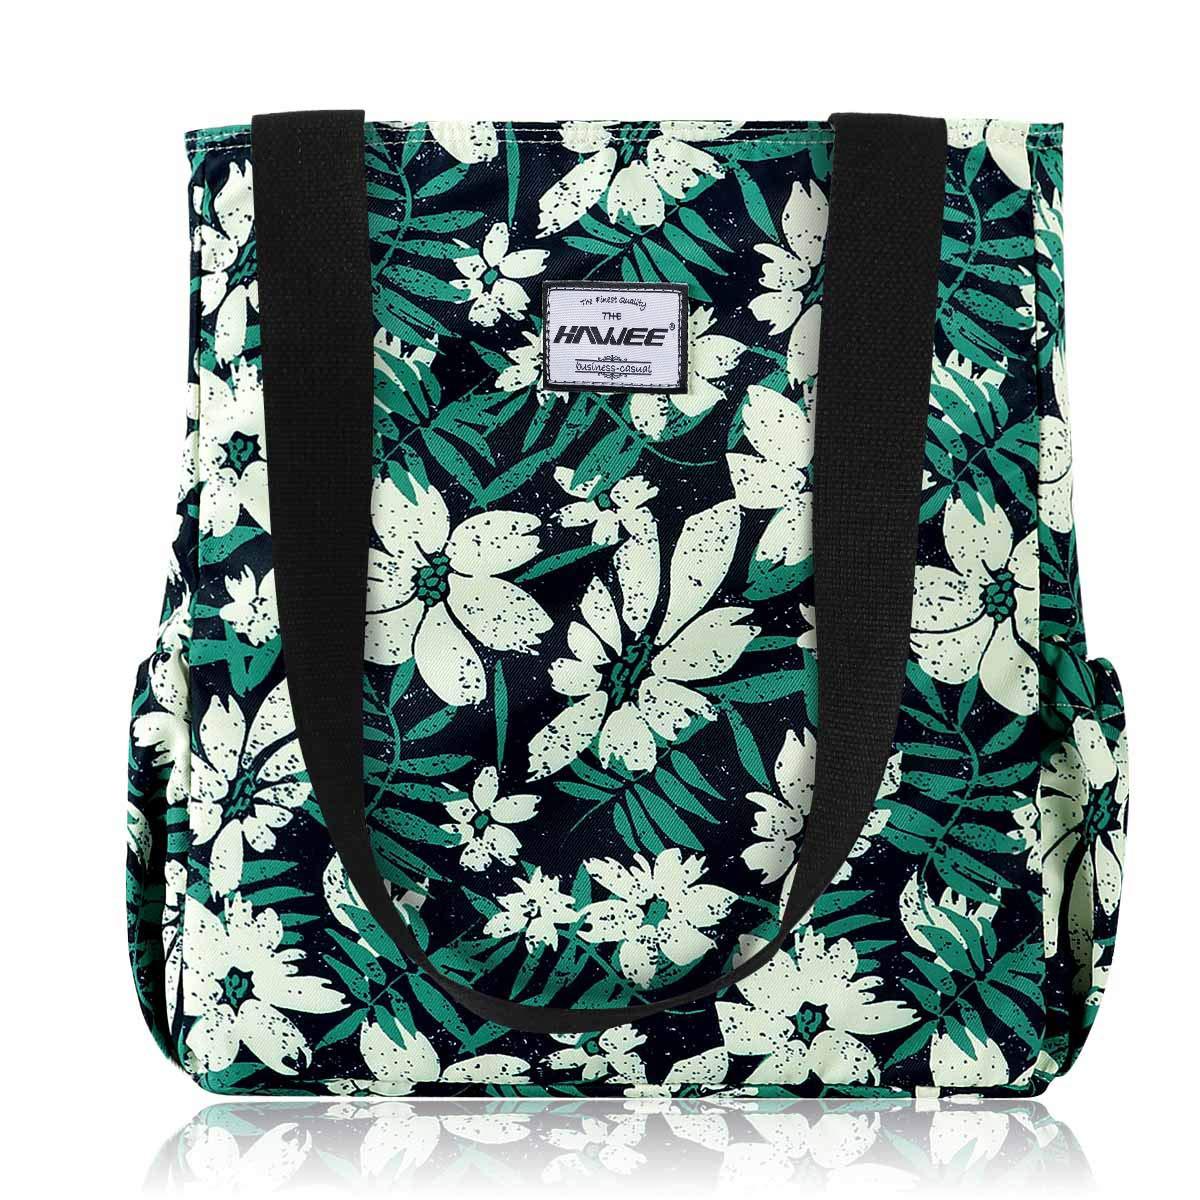 HAWEE mode dam handväska med dragkedja casual kvinnor axelväska stor shoppingväska vattentät väska för resor arbete skola vardagsliv gym strand Vita blommor gröna blad